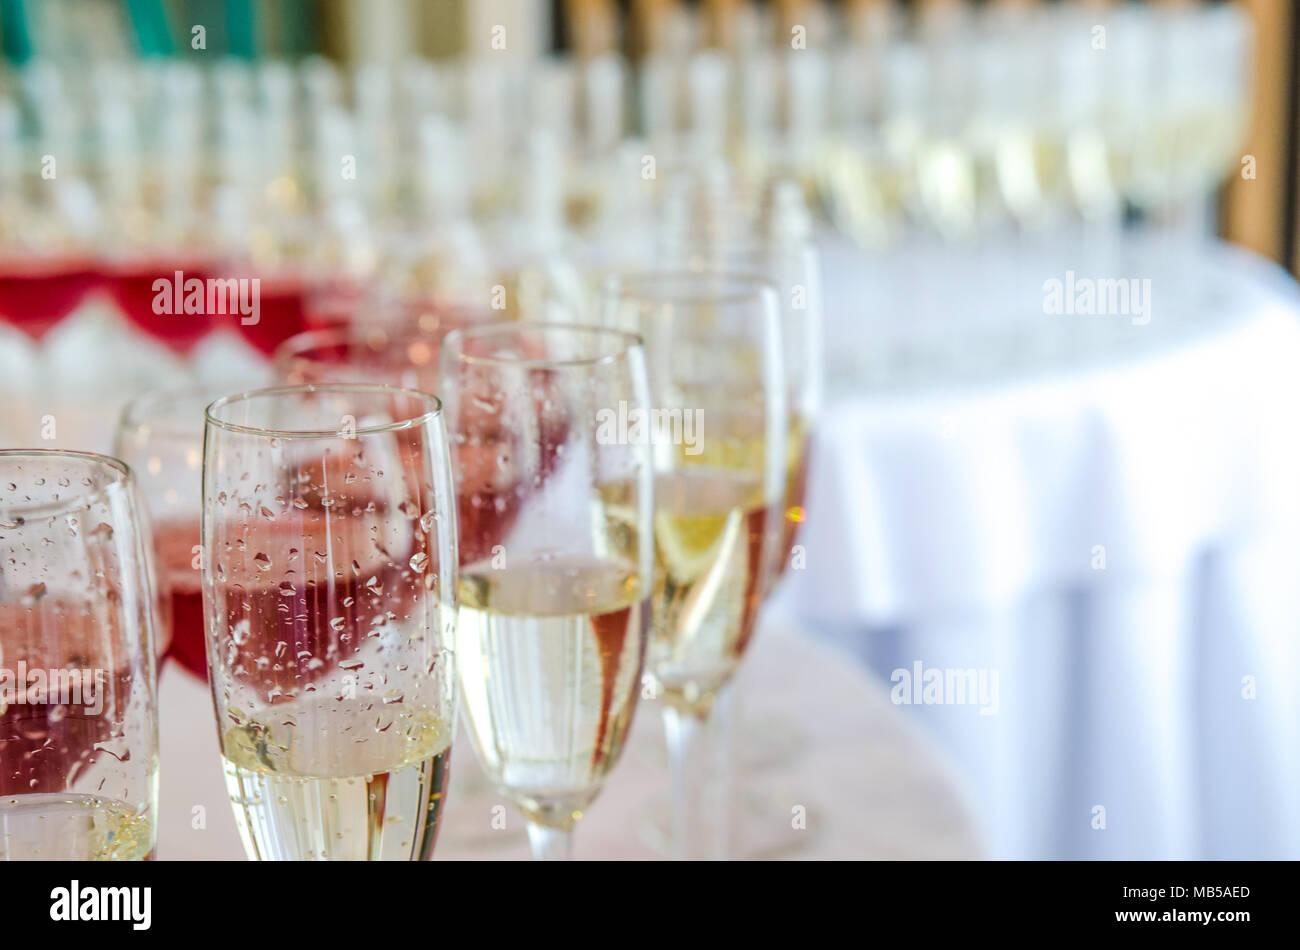 Gastronomie Bar zu feiern. Schönheit von innen für den Hochzeitstag. Champagner im Glas auf dem runden Tisch Stockbild